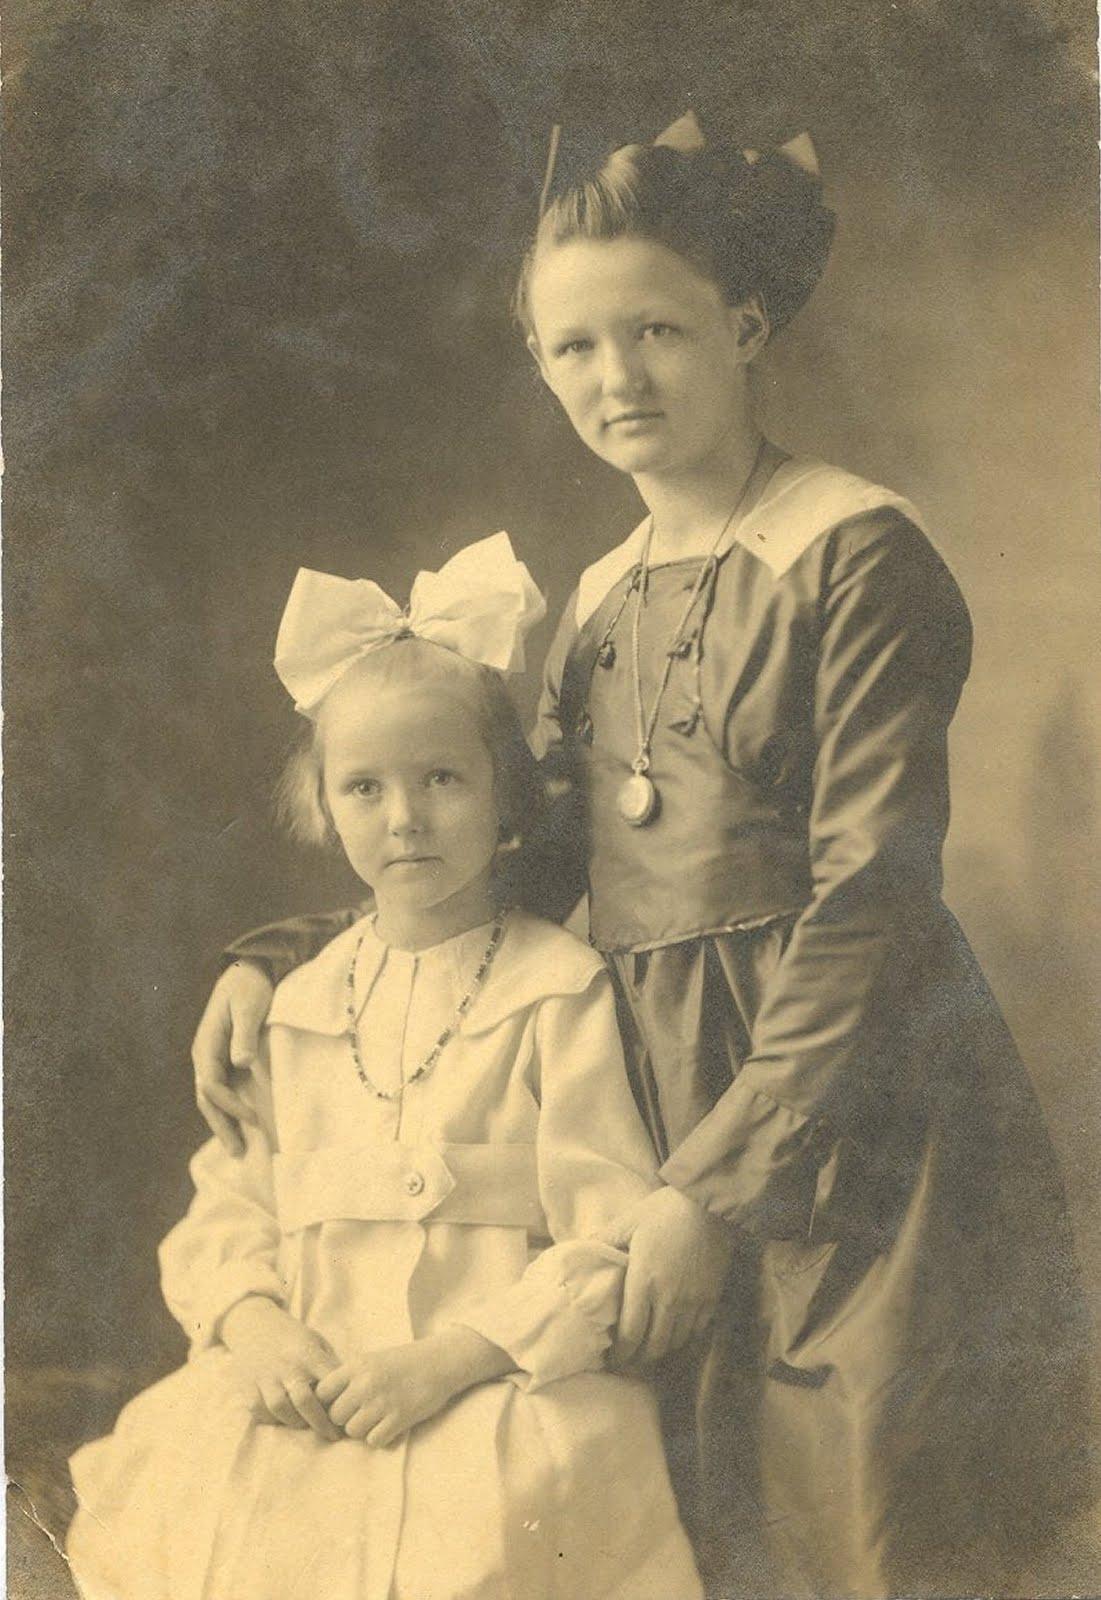 SODERGREN FAMILY HISTORY